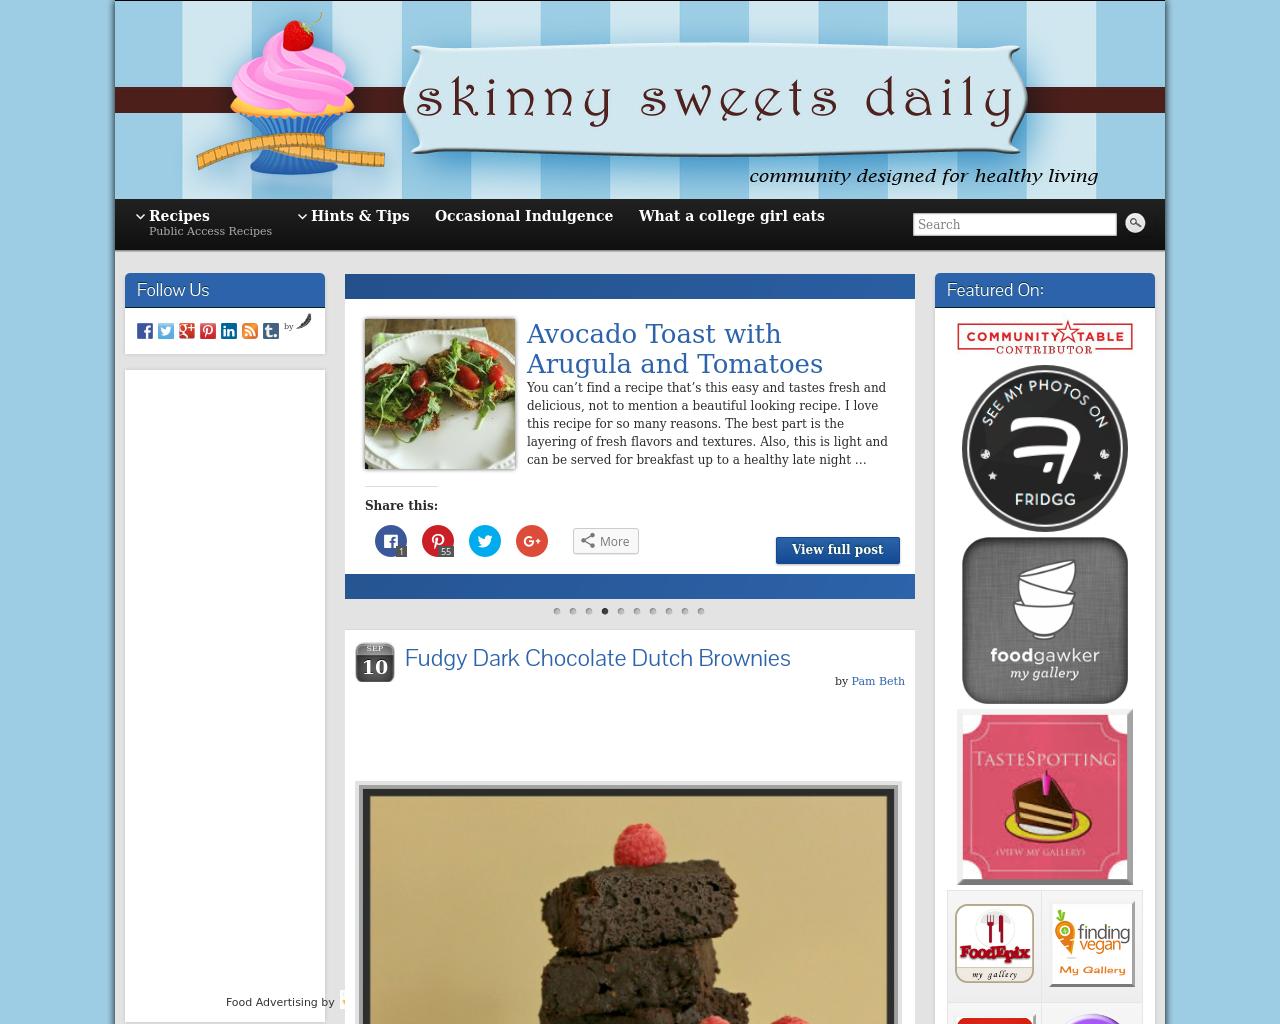 Skinnysweetsdaily.com-Advertising-Reviews-Pricing